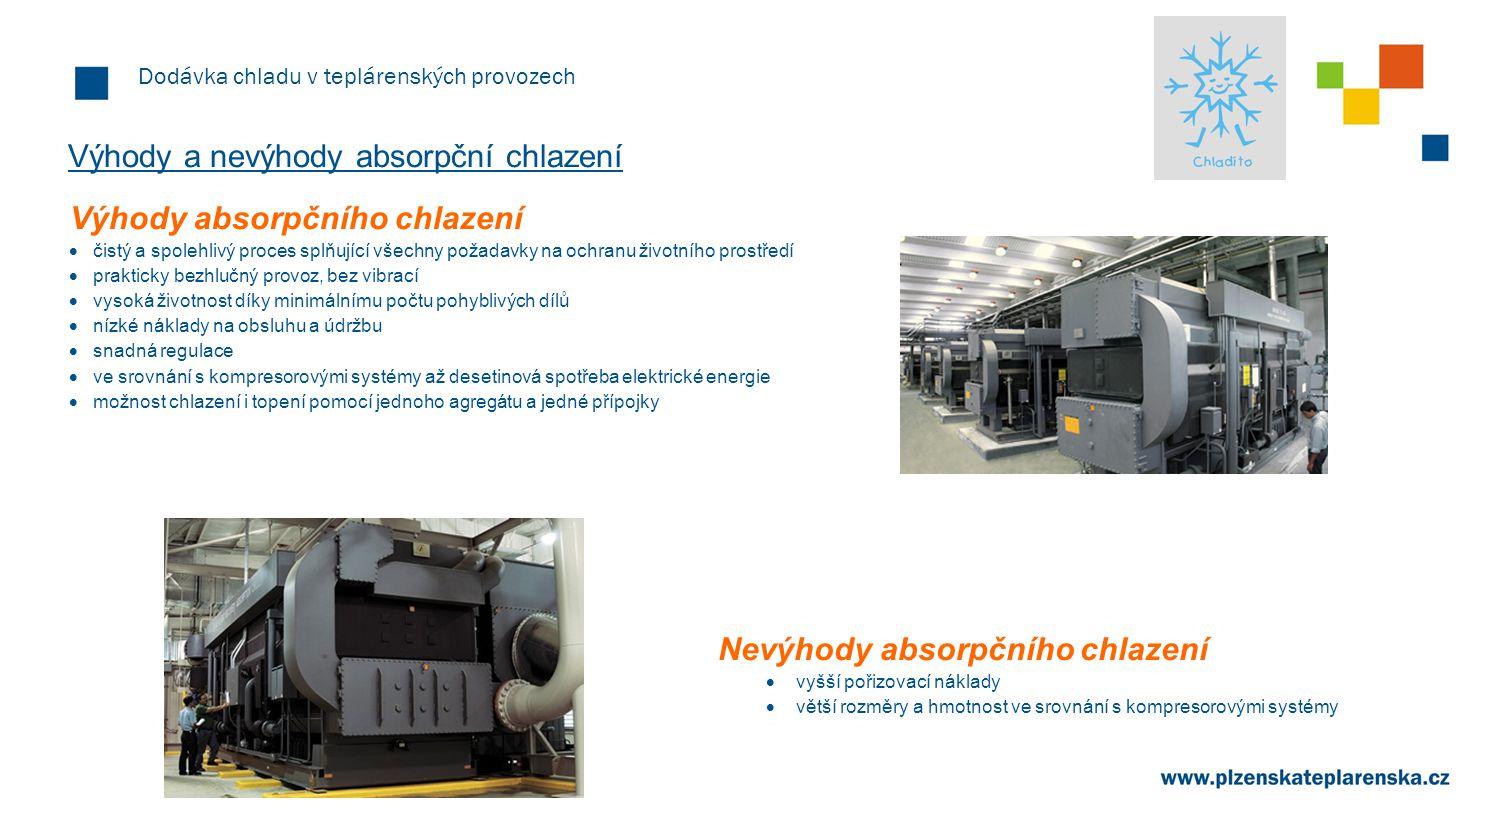 Dodávka chladu v teplárenských provozech Uplatnění absorpční chlazení Absorpční chlazení je možno využít pro klimatizaci objektů i pro průmyslové chlazení.